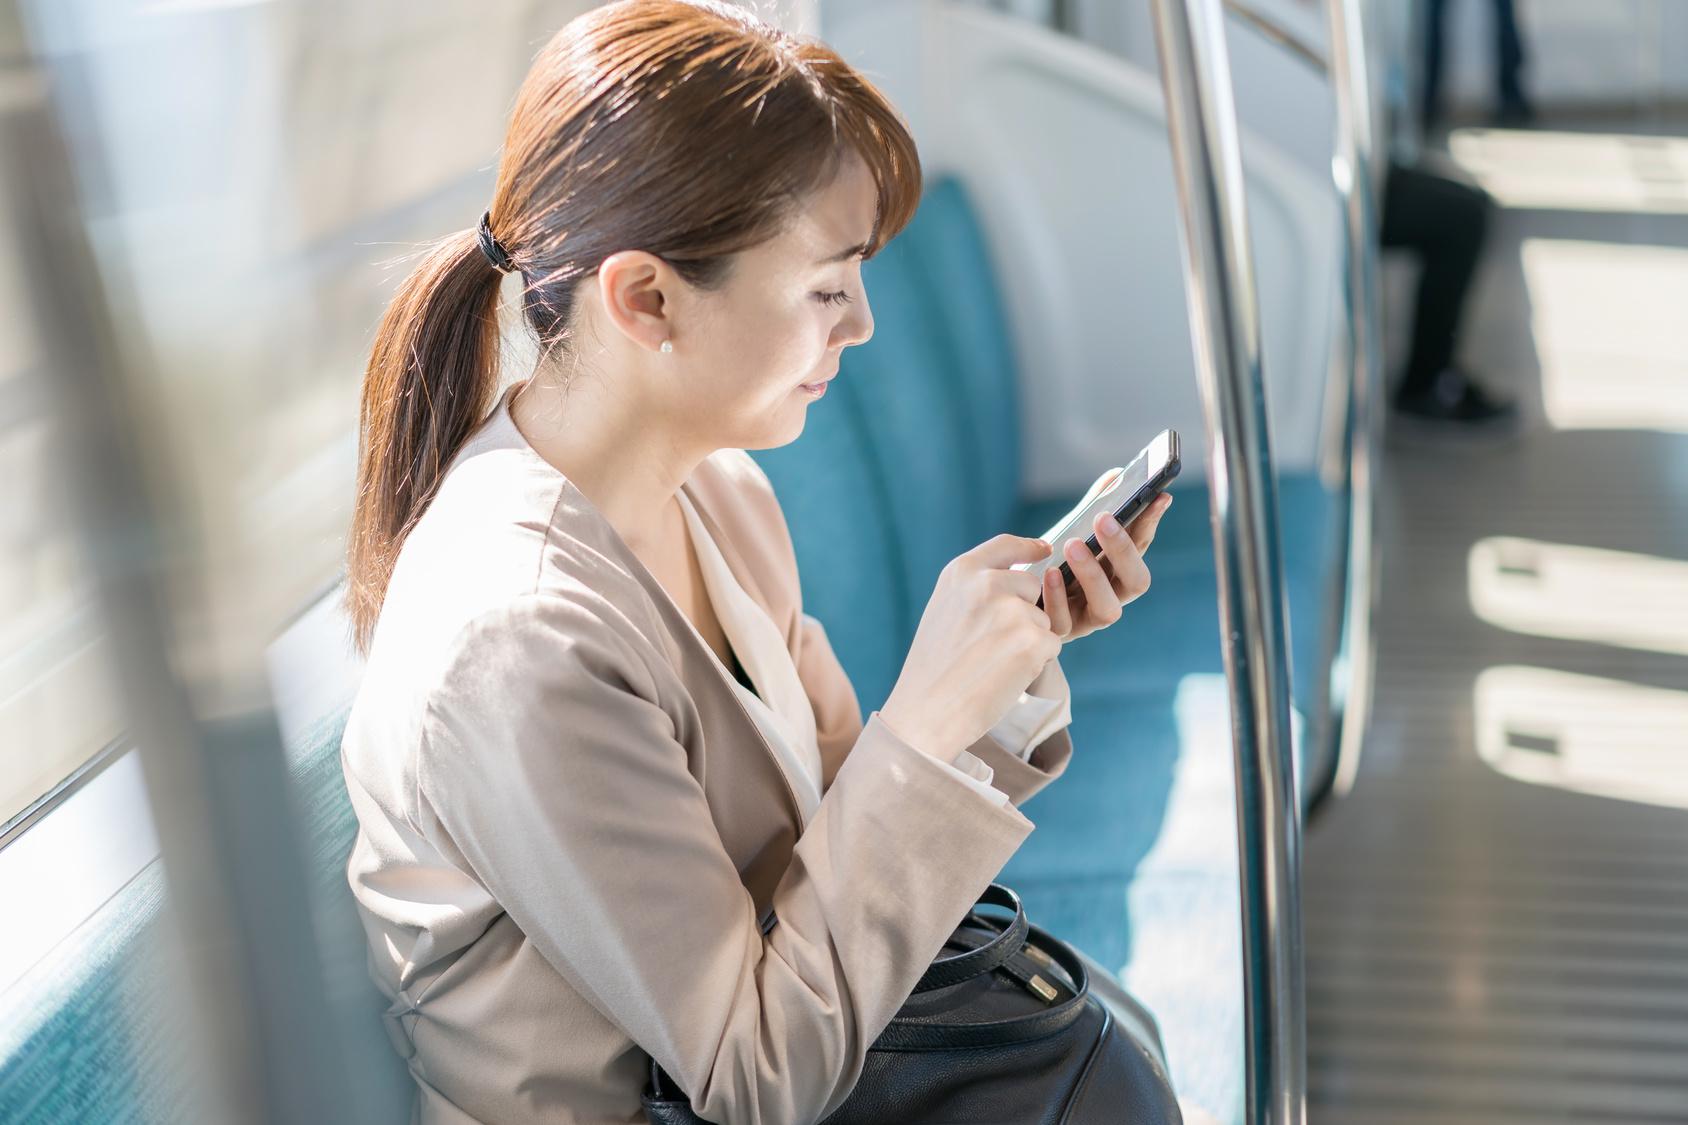 あなたのiPhone設定は大丈夫!? 最近話題の「AirDrop痴漢」防止法教えます。